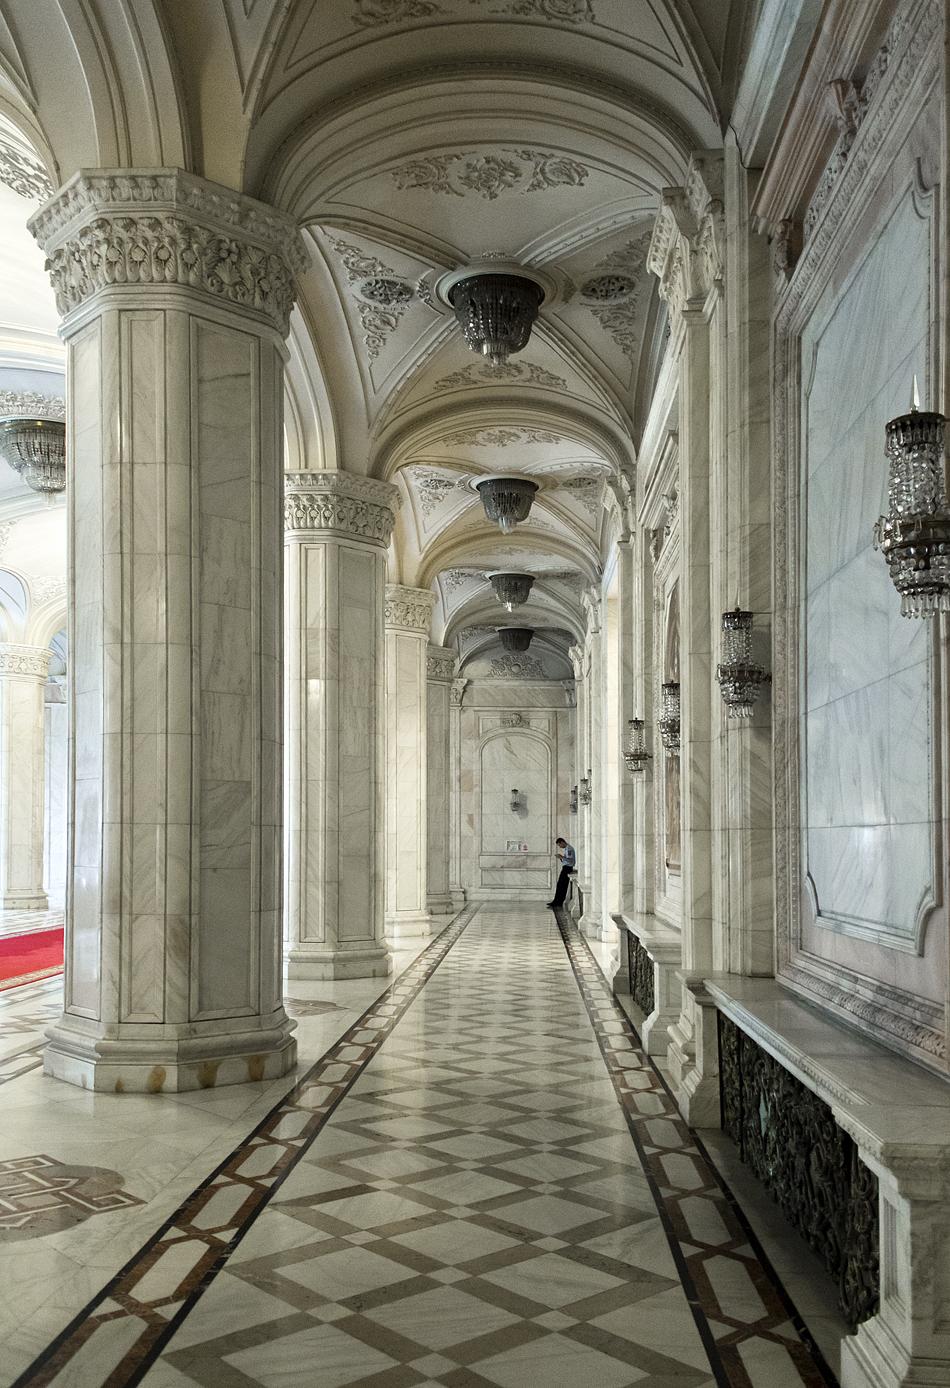 București, Palatul Parlamentului, Interior, Corridor Floor P